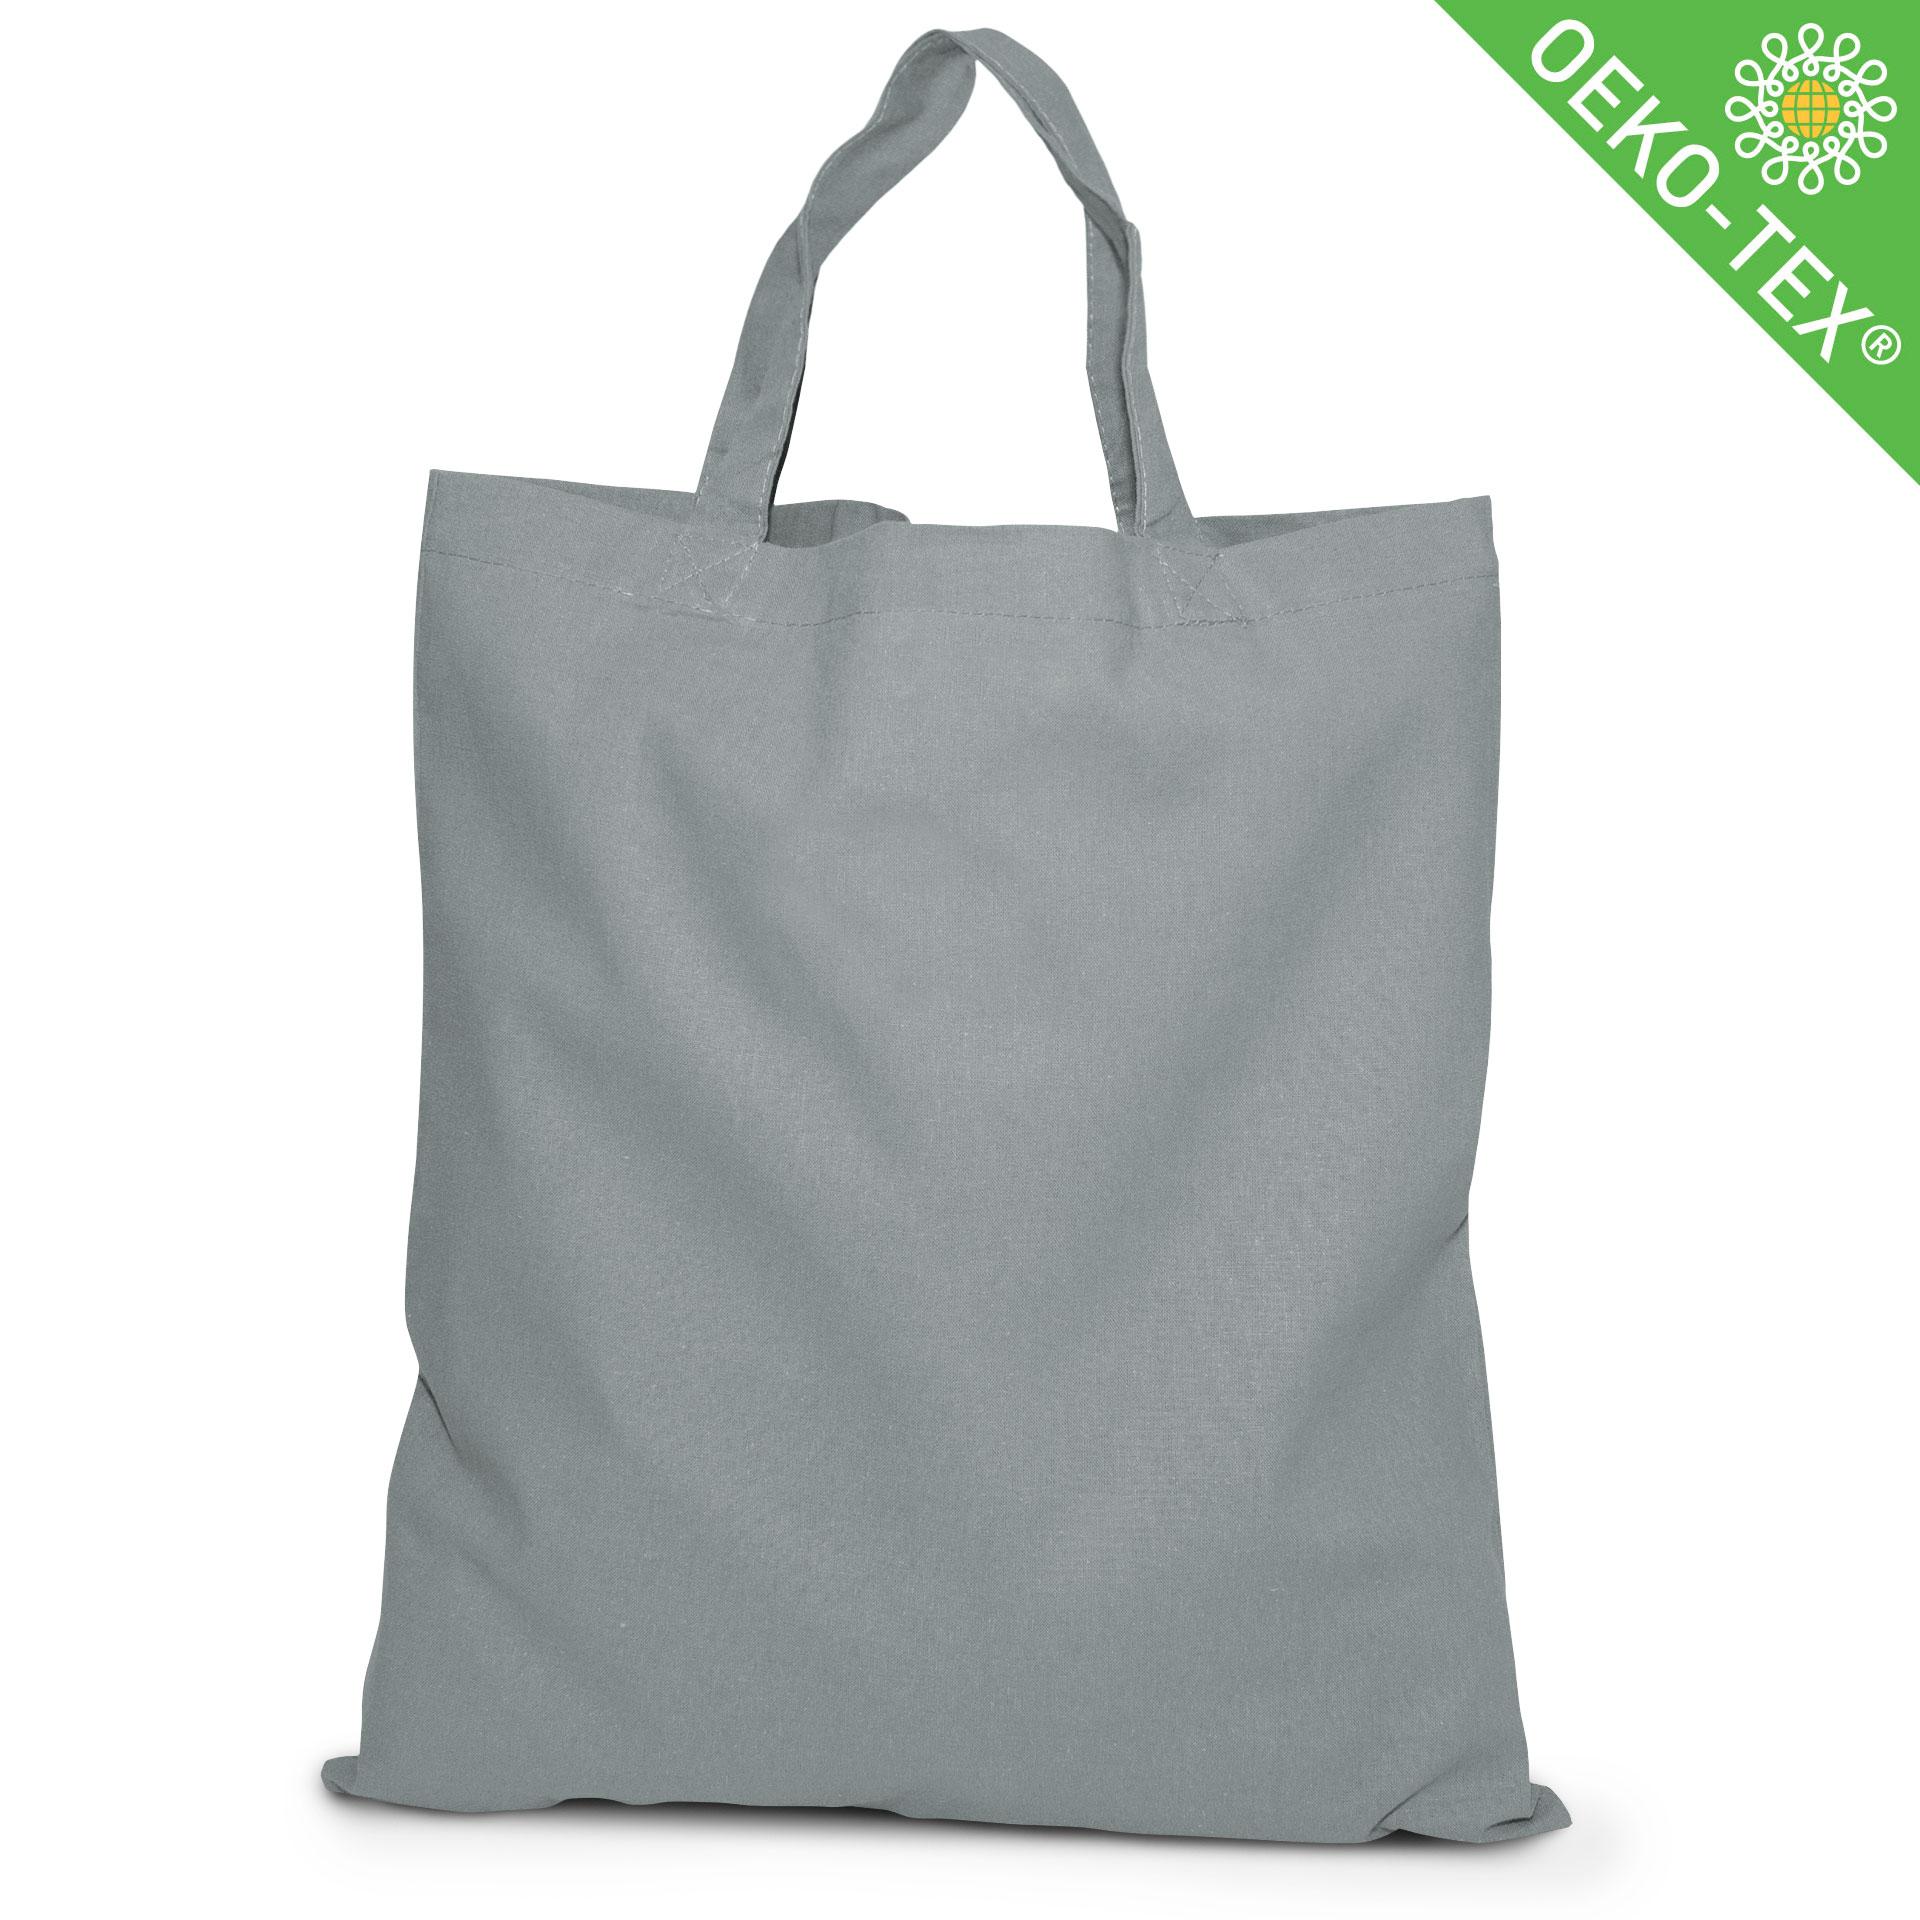 20 Kapstadt Baumwolltasche mit kurzen Henkeln, Farbe: grau